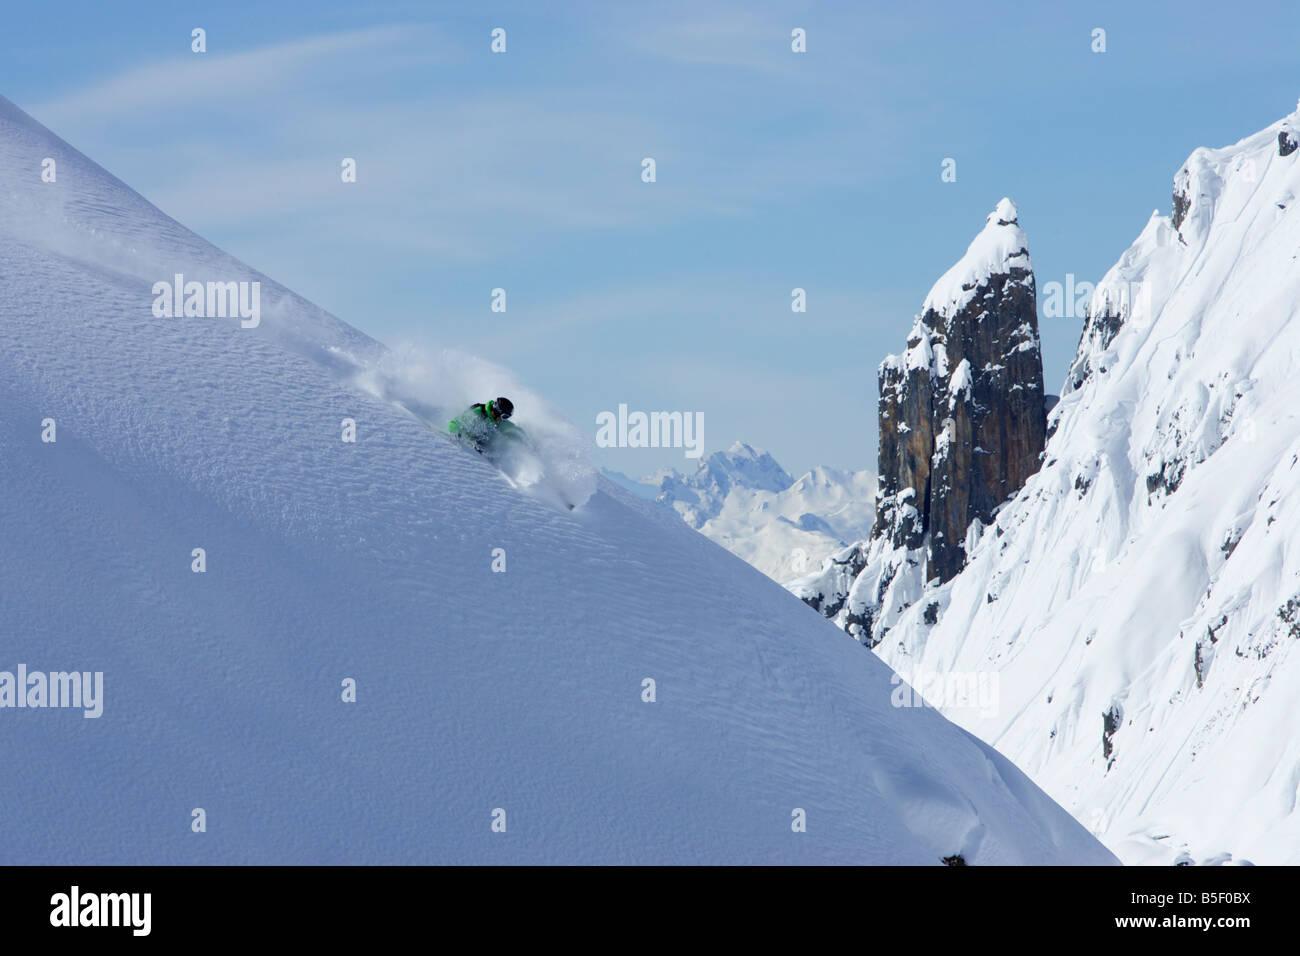 Faire un virage serré de skieurs sur la neige intacte Photo Stock